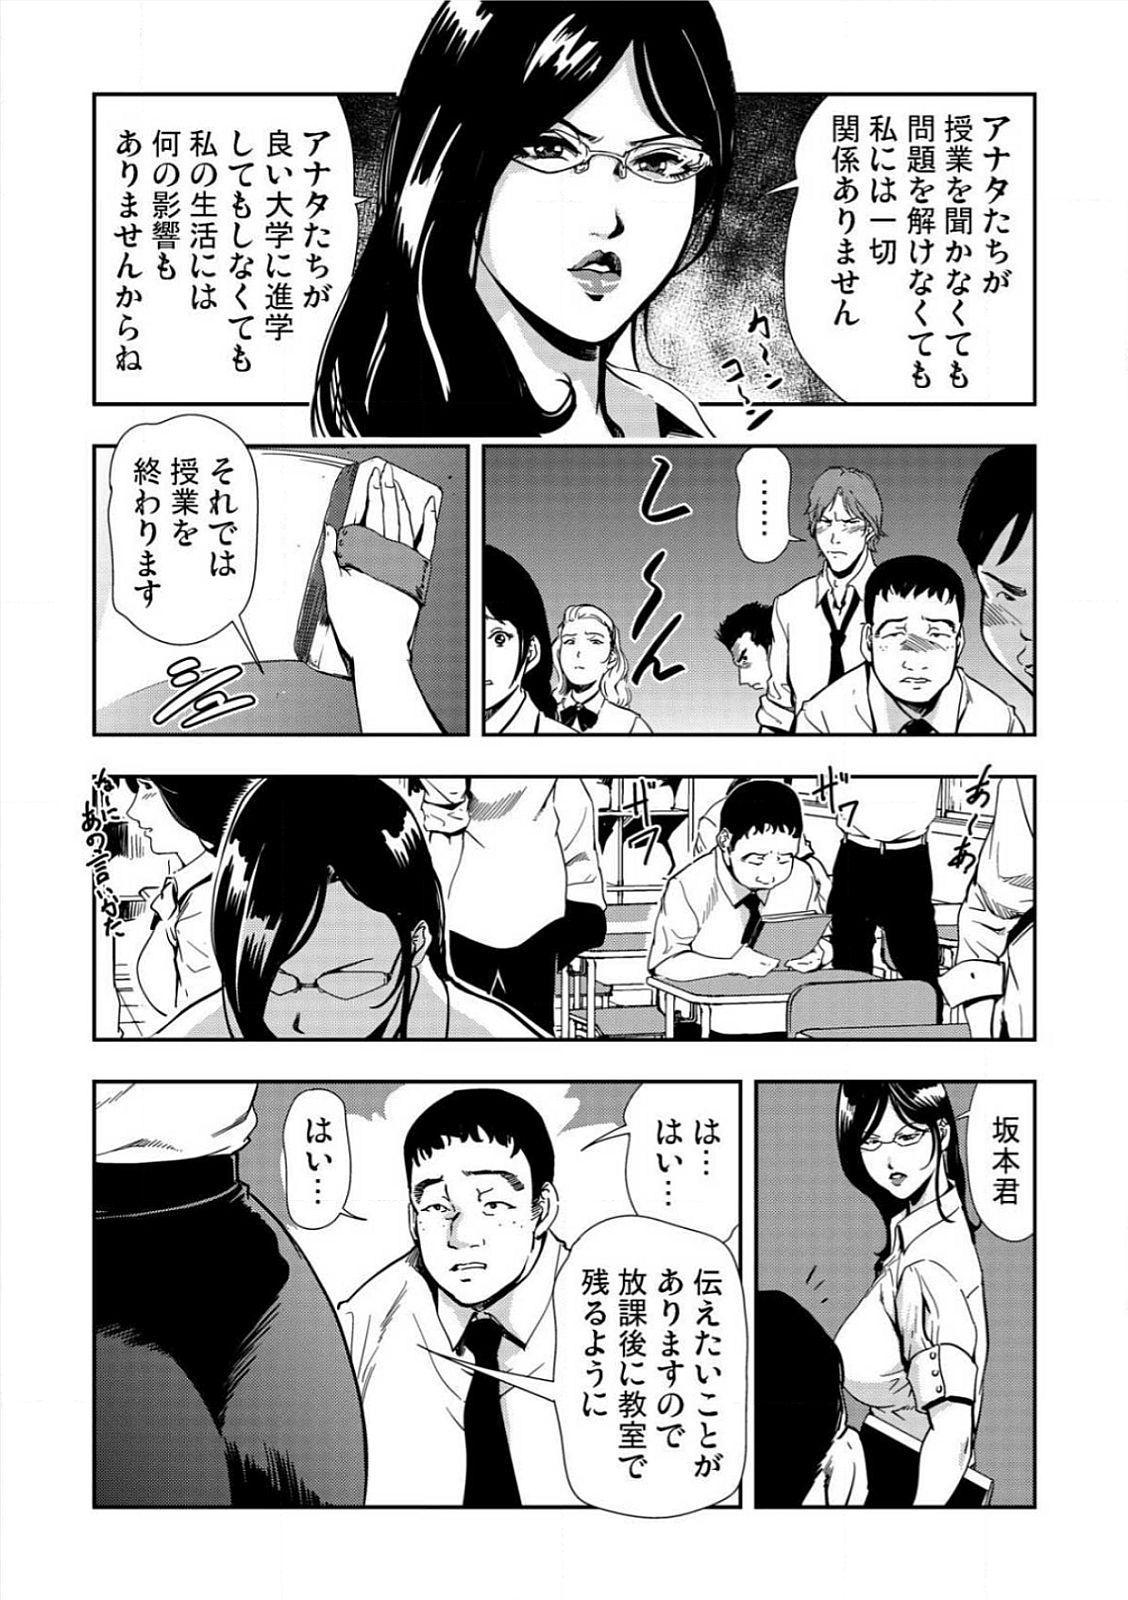 [Misaki Yukihiro] Kyousei Shidou ~Mechakucha ni Kegasarete~ (1)~(6) [Digital] 5